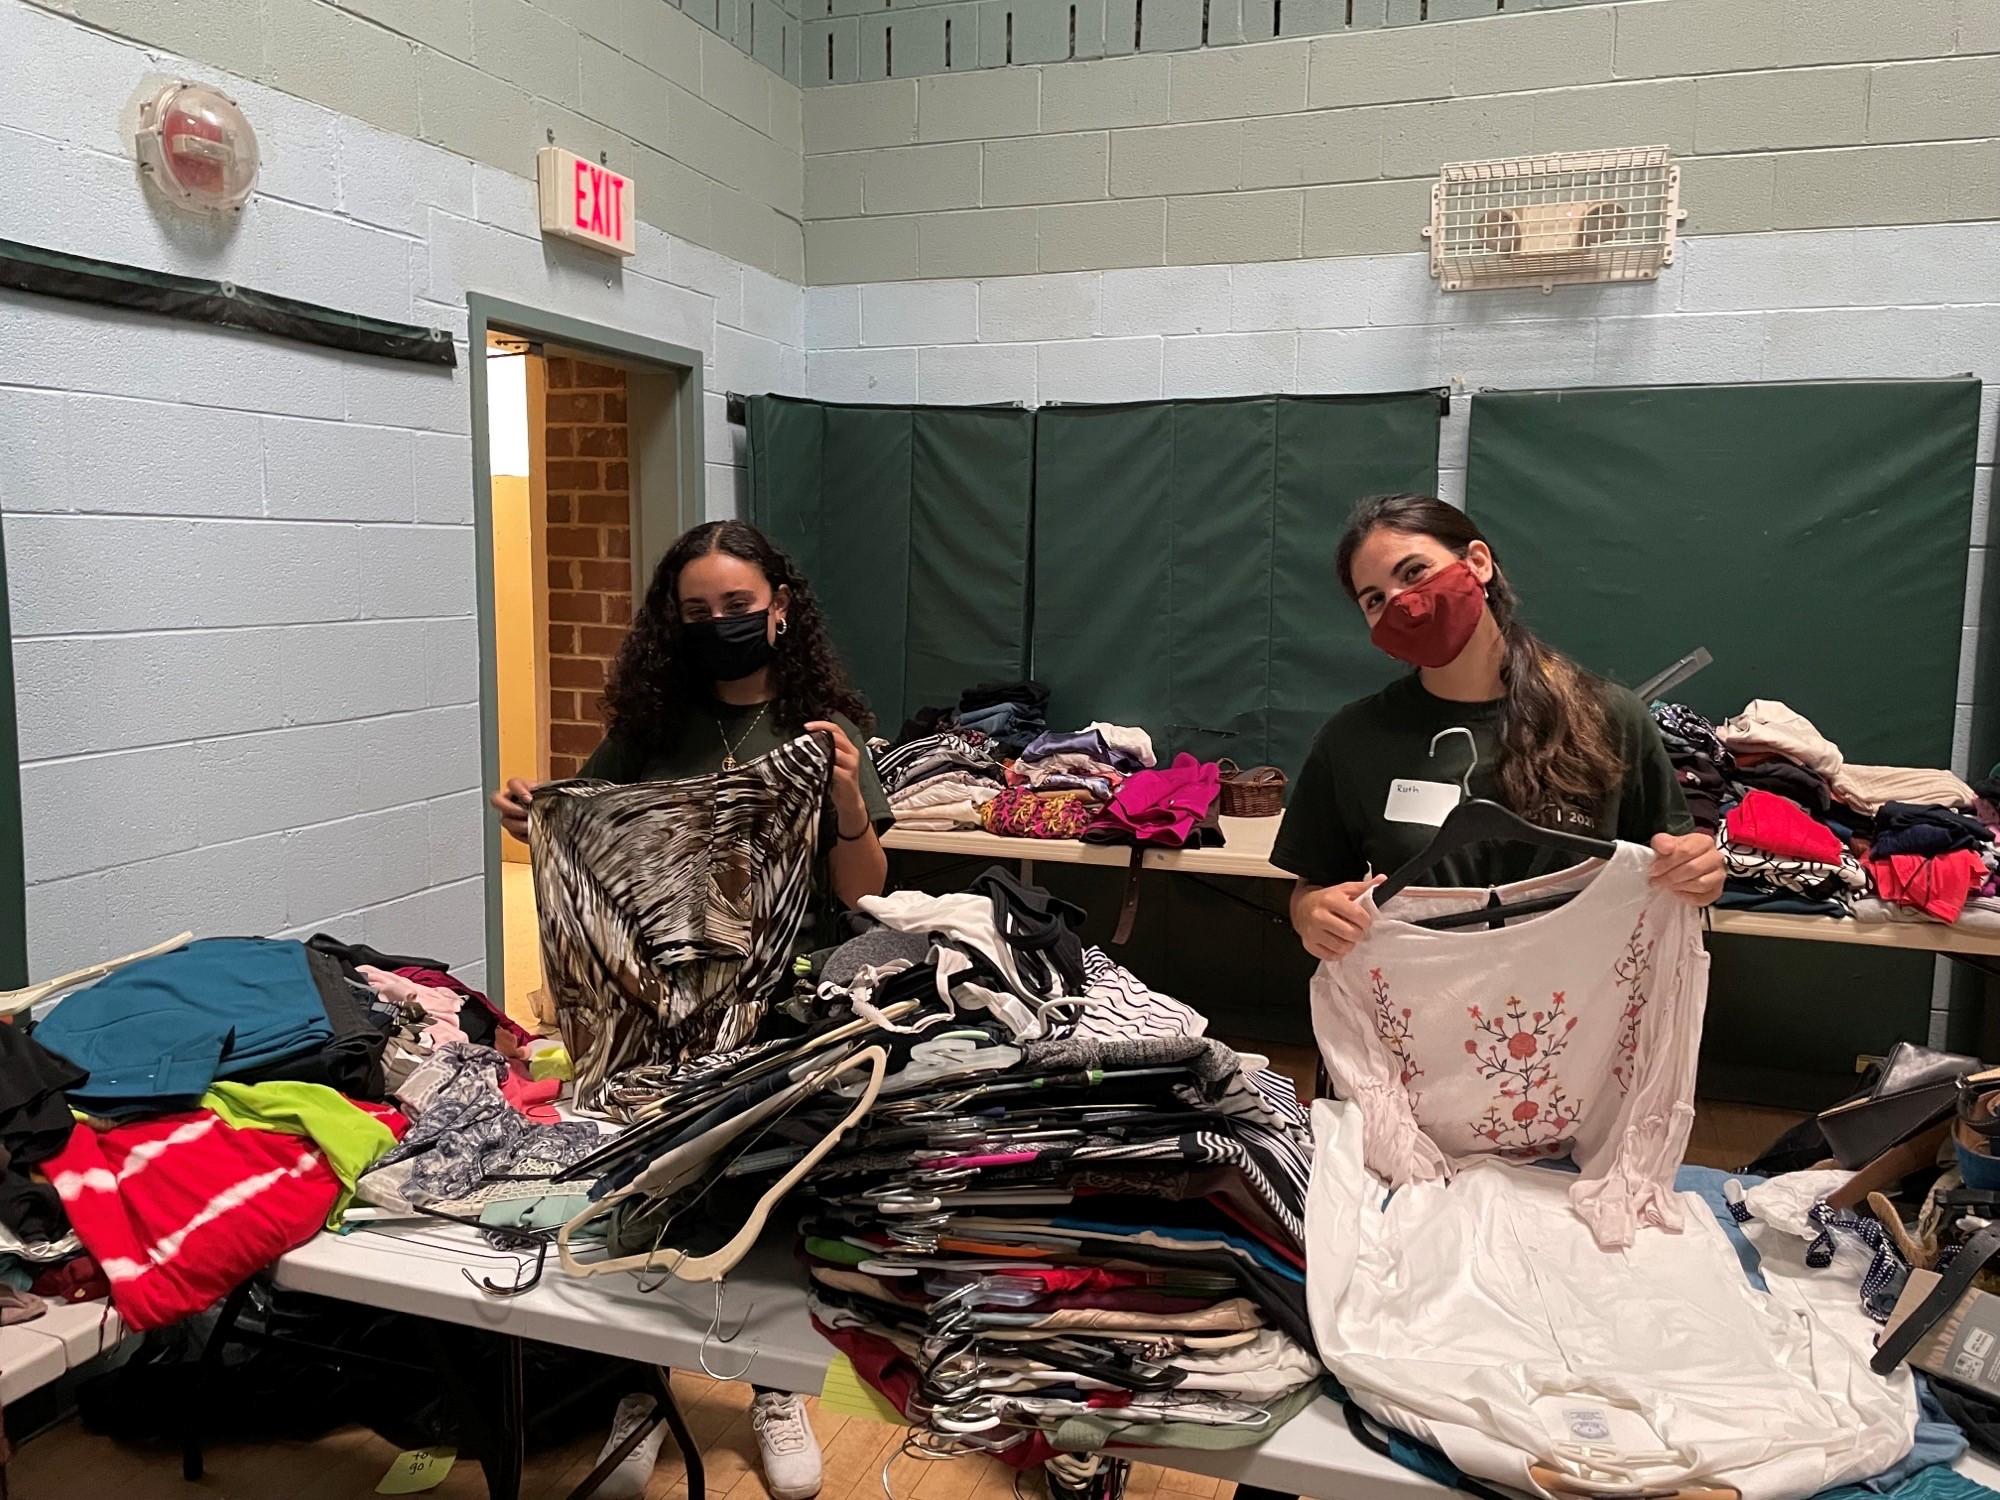 Students sort clothing at A Wider Circle.